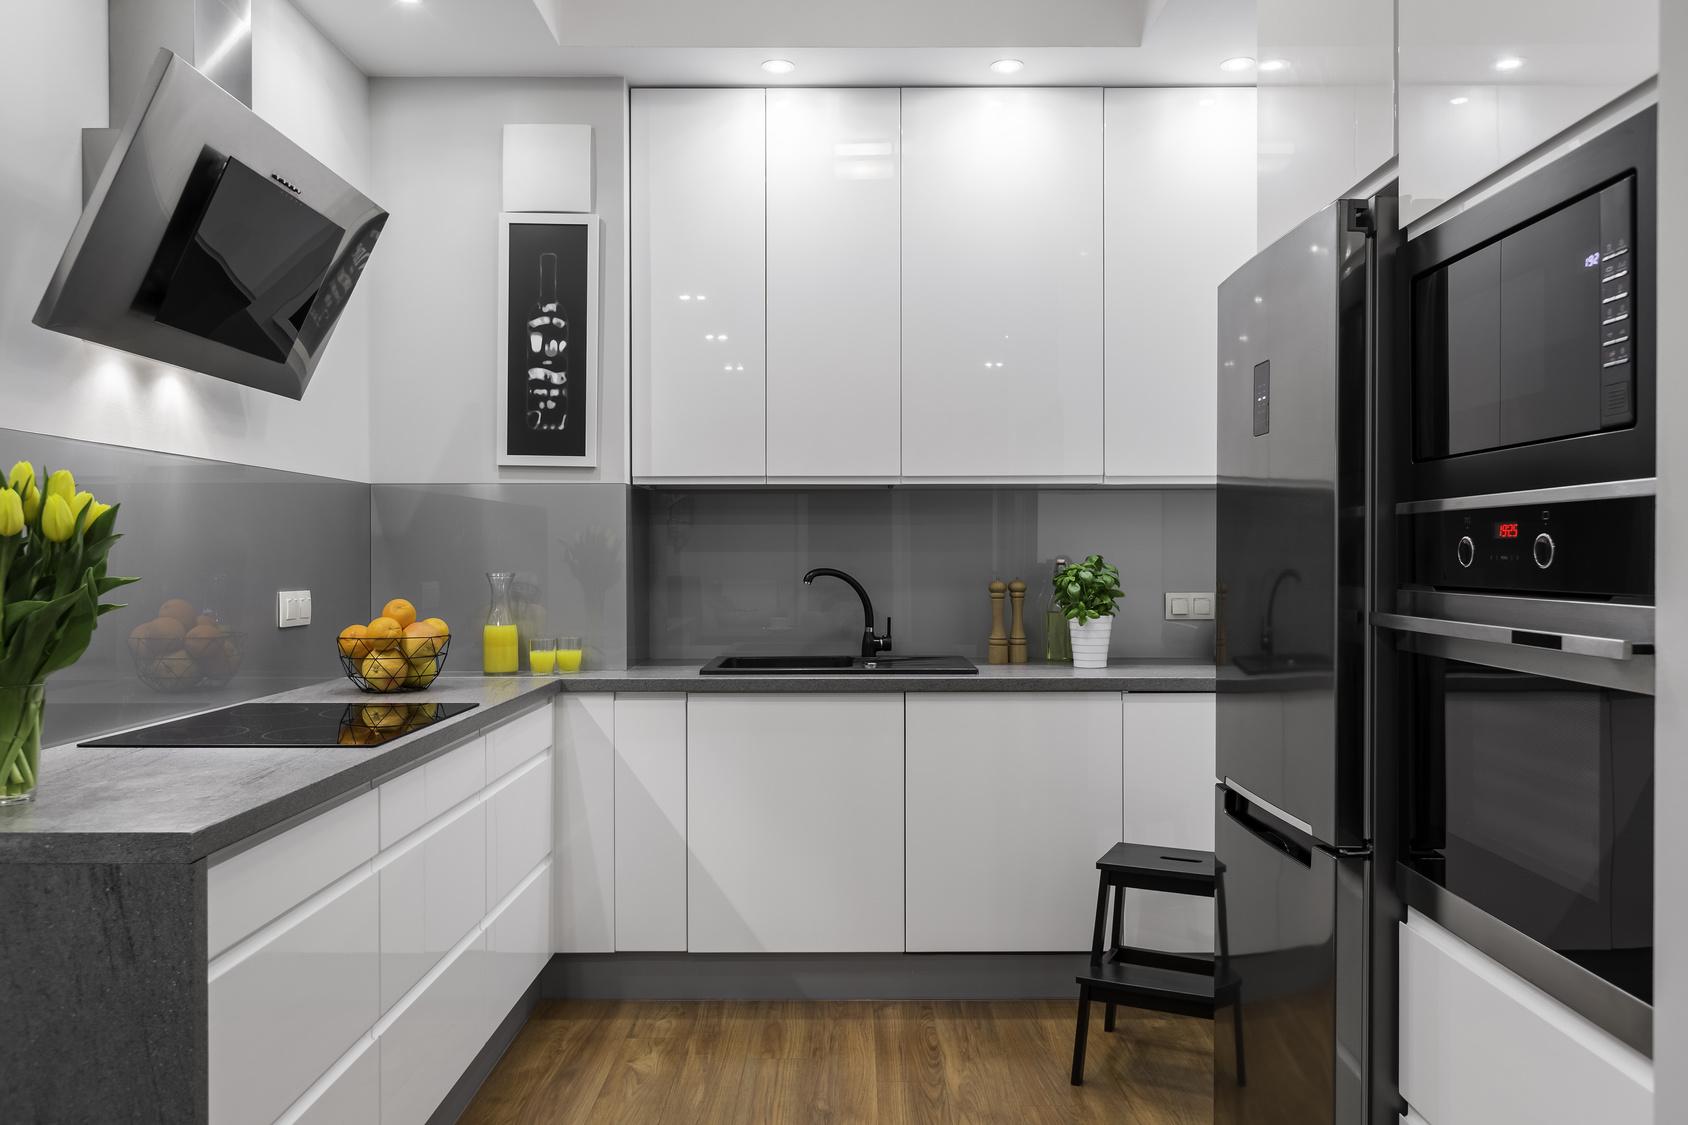 Kuchnia Biało Szara Minimalistyczna Difu